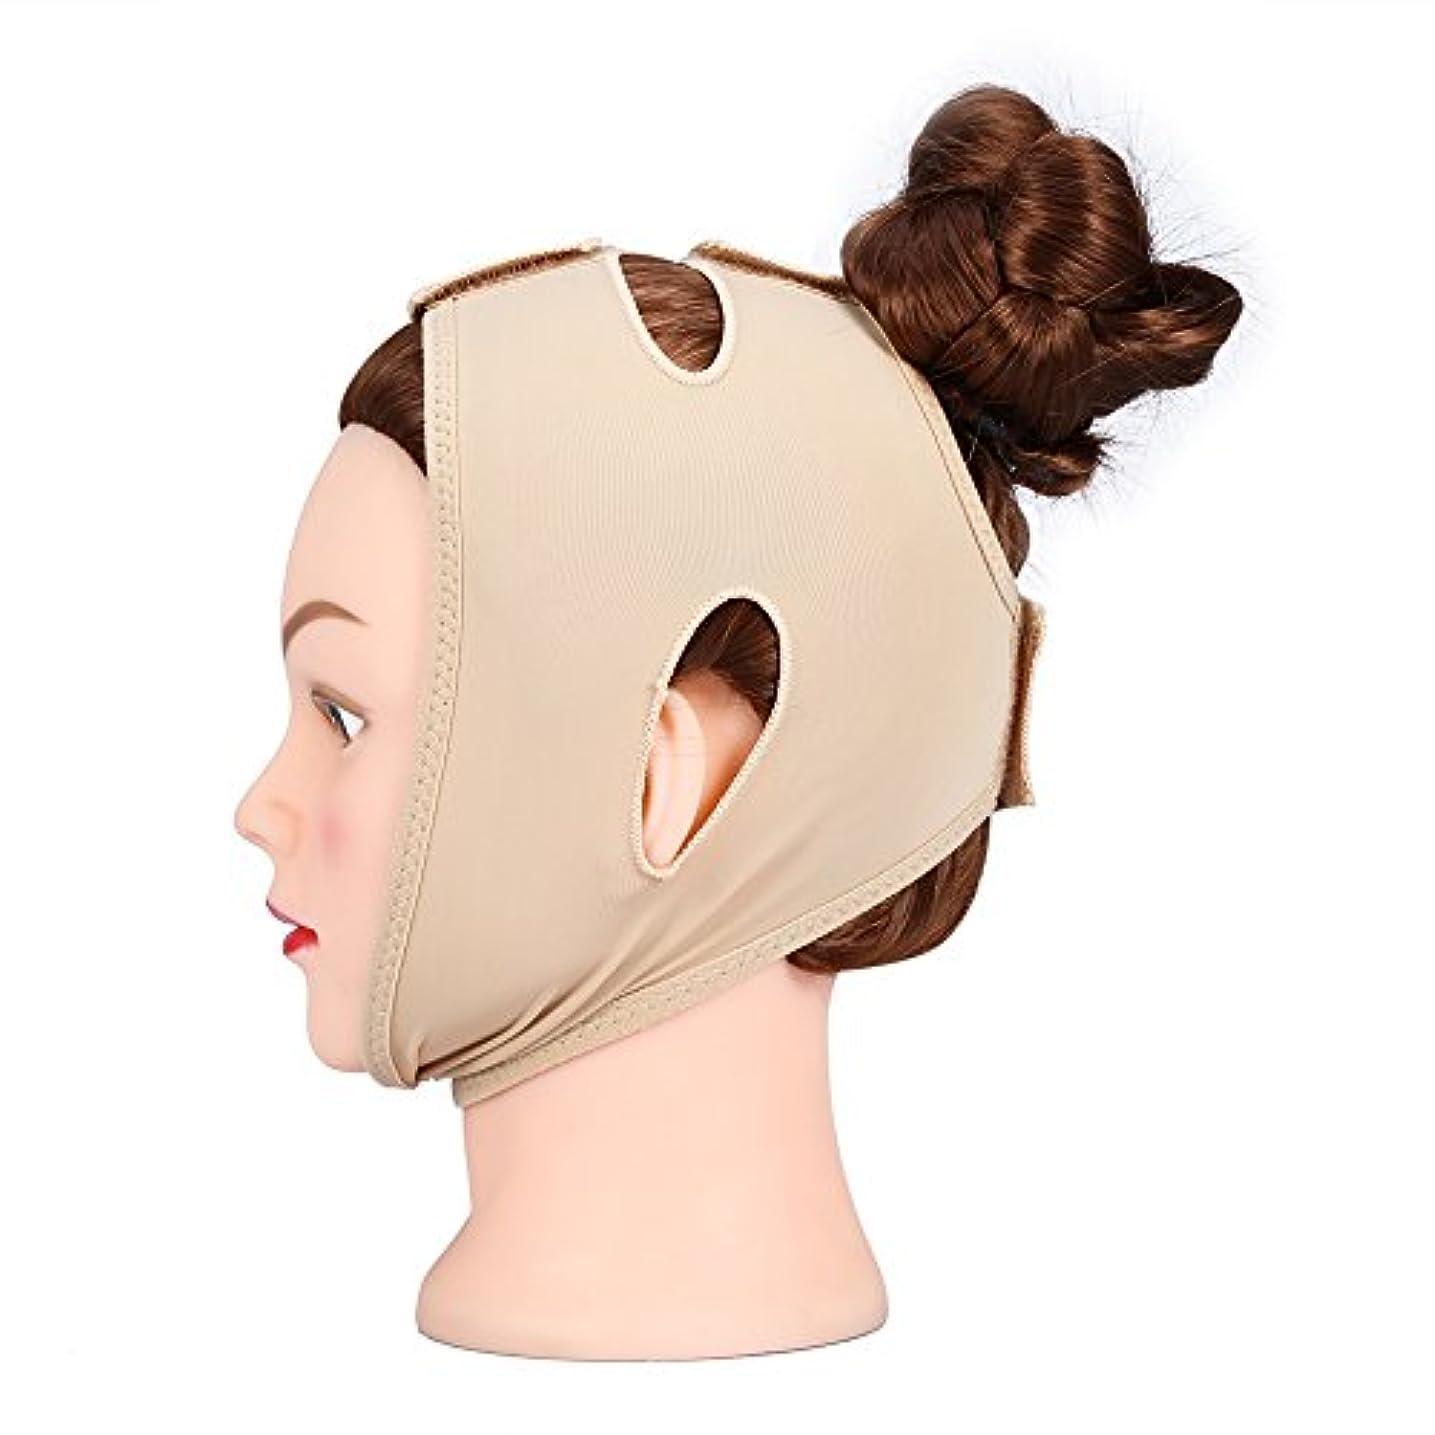 褐色キャビン忠実フェイシャルシェーピングマスク、フェイスリフトアップシンネックマスクバンデージ(M)